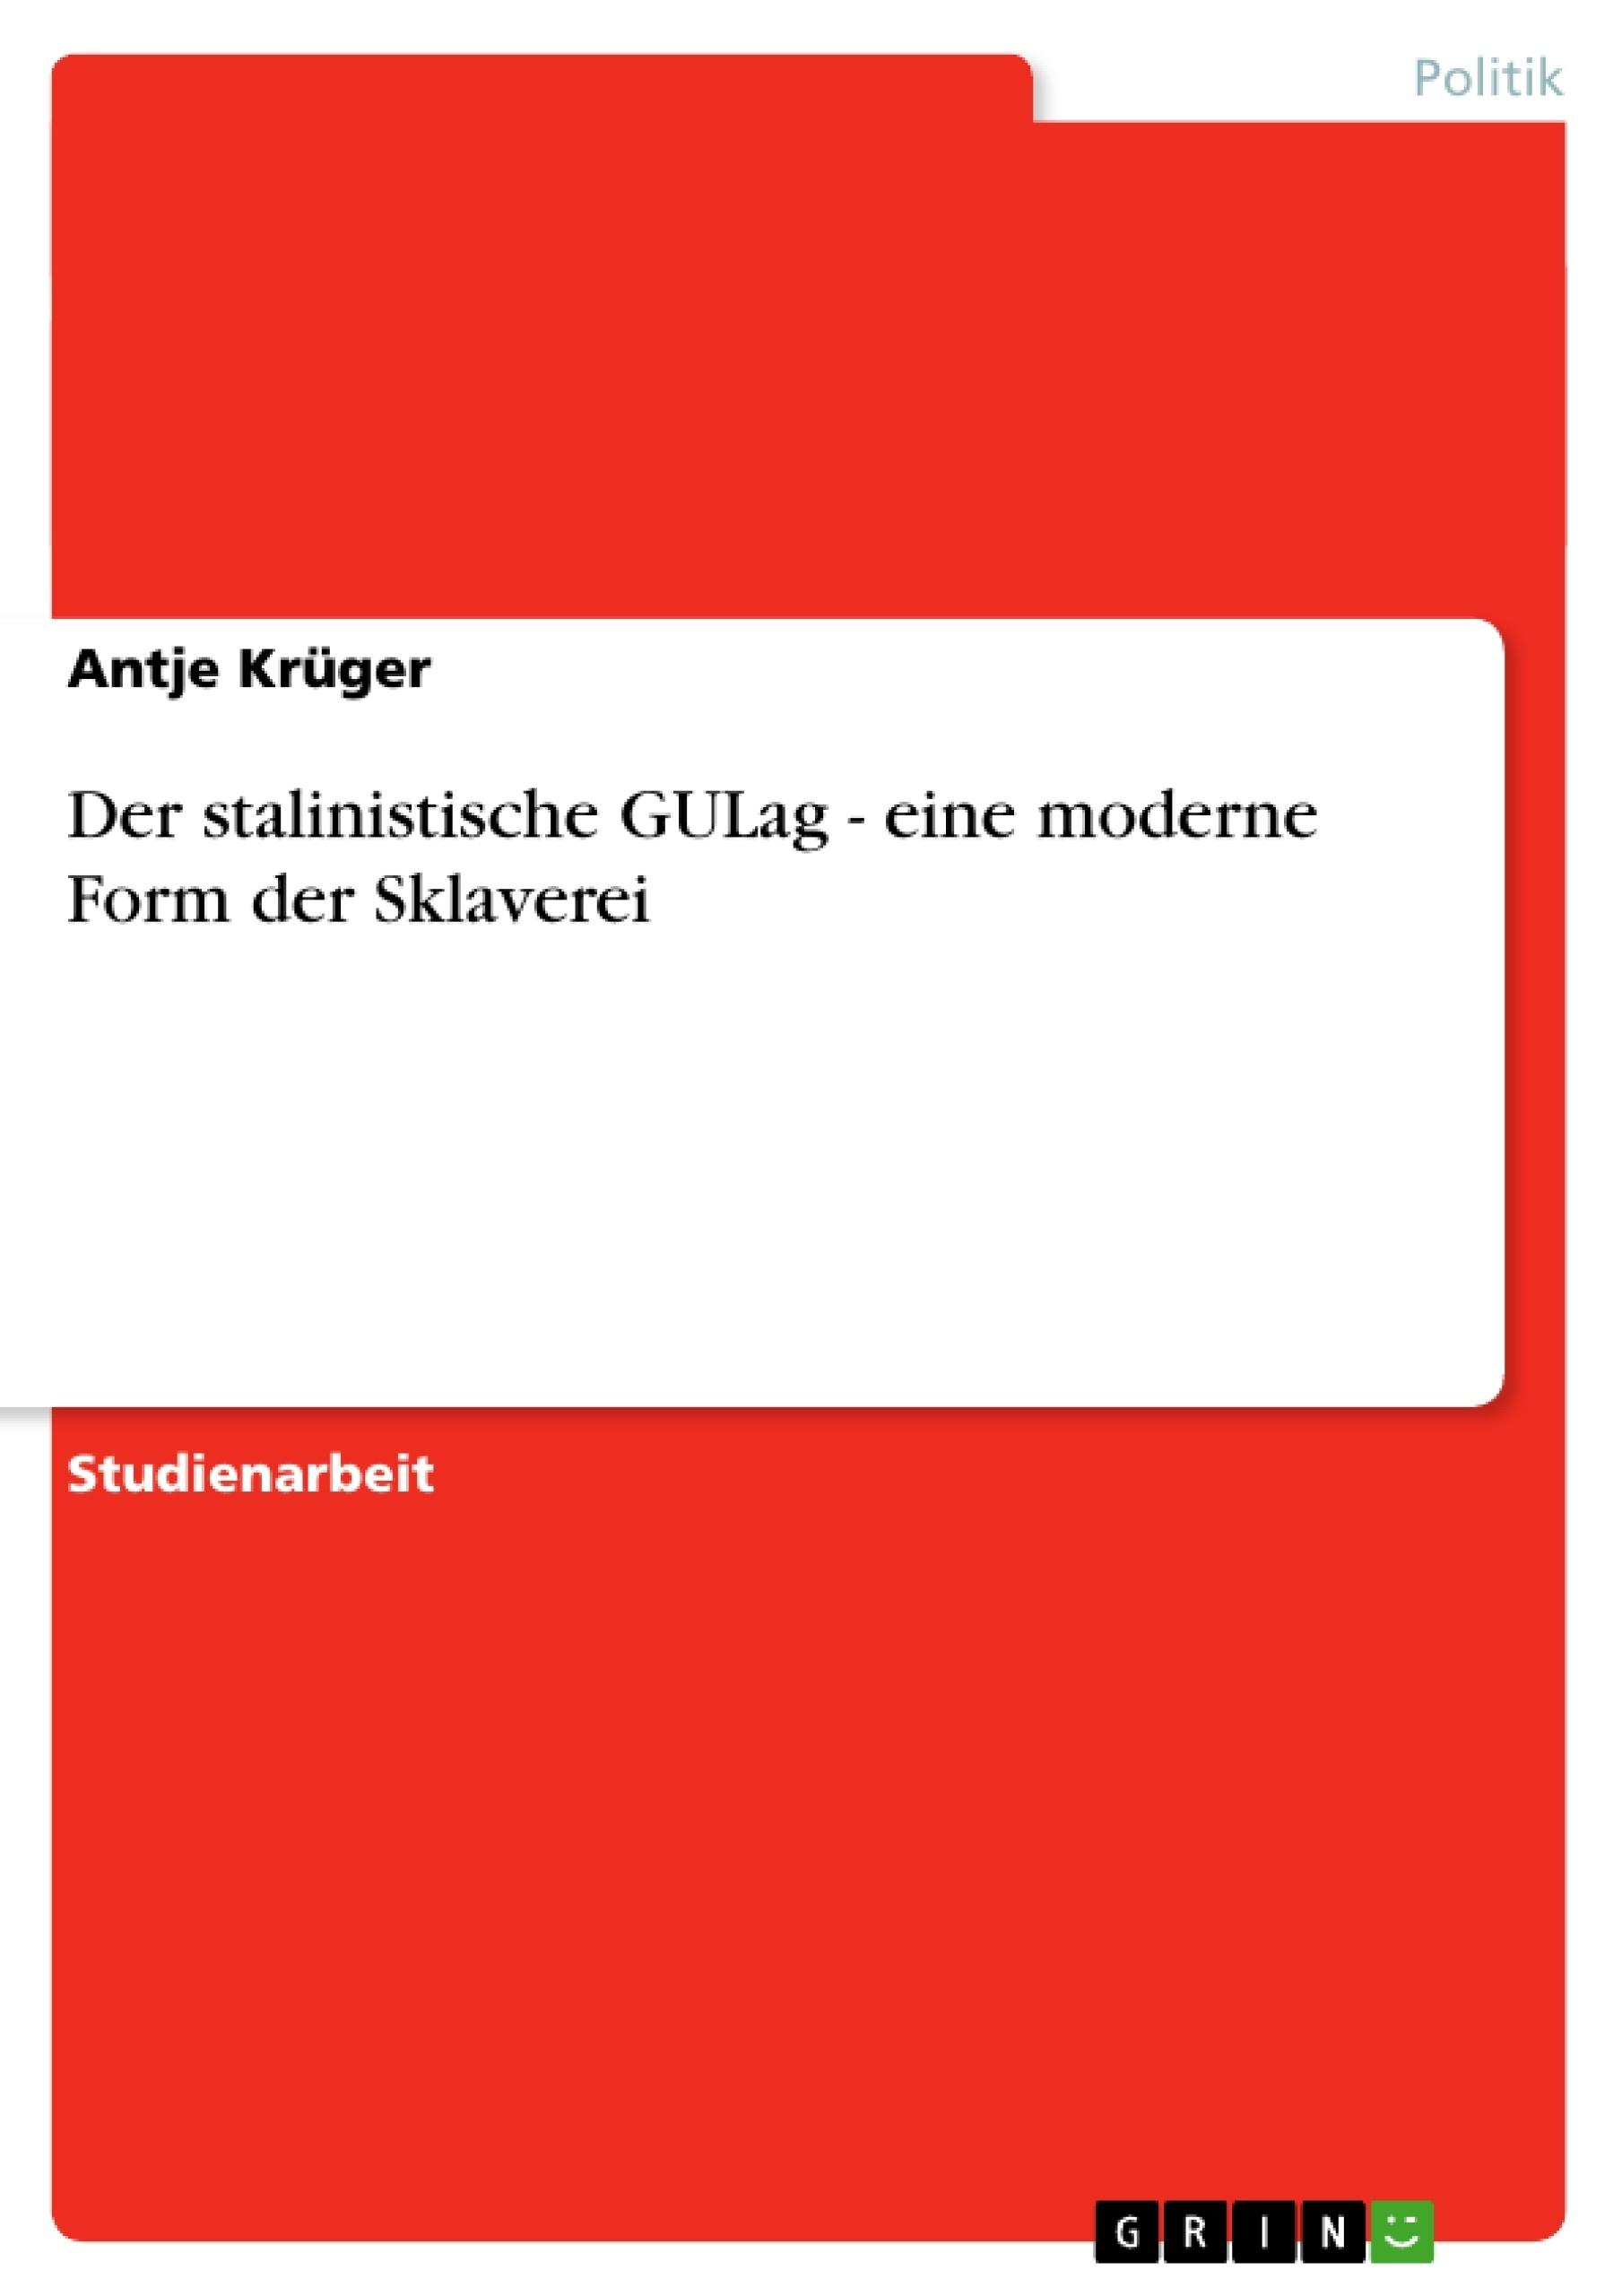 Titel: Der stalinistische GULag - eine moderne Form der Sklaverei